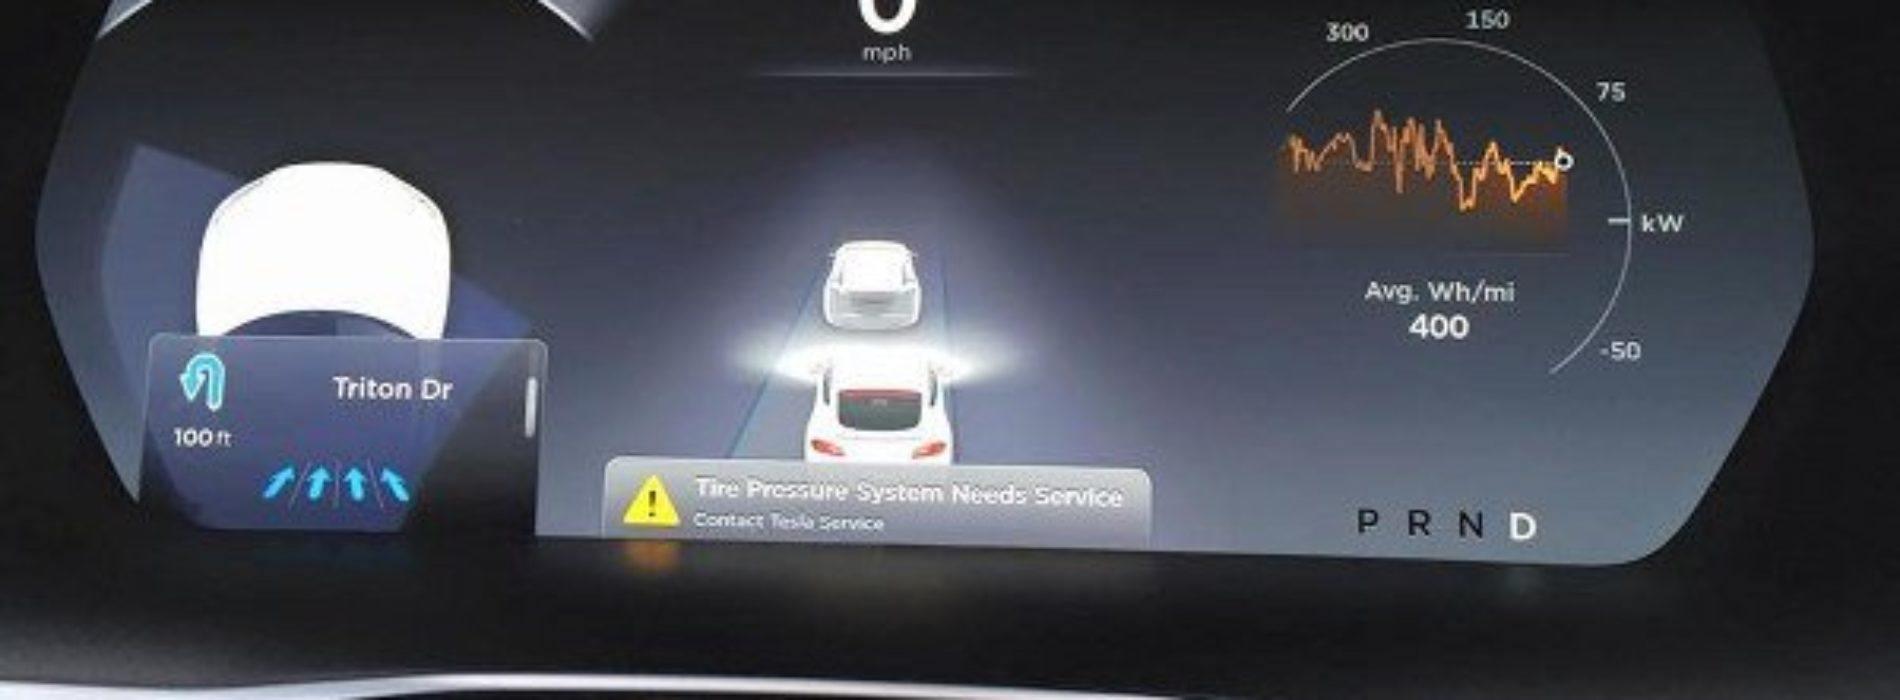 El Tesla con Autopilot nos muestra cómo será el coche autónomo